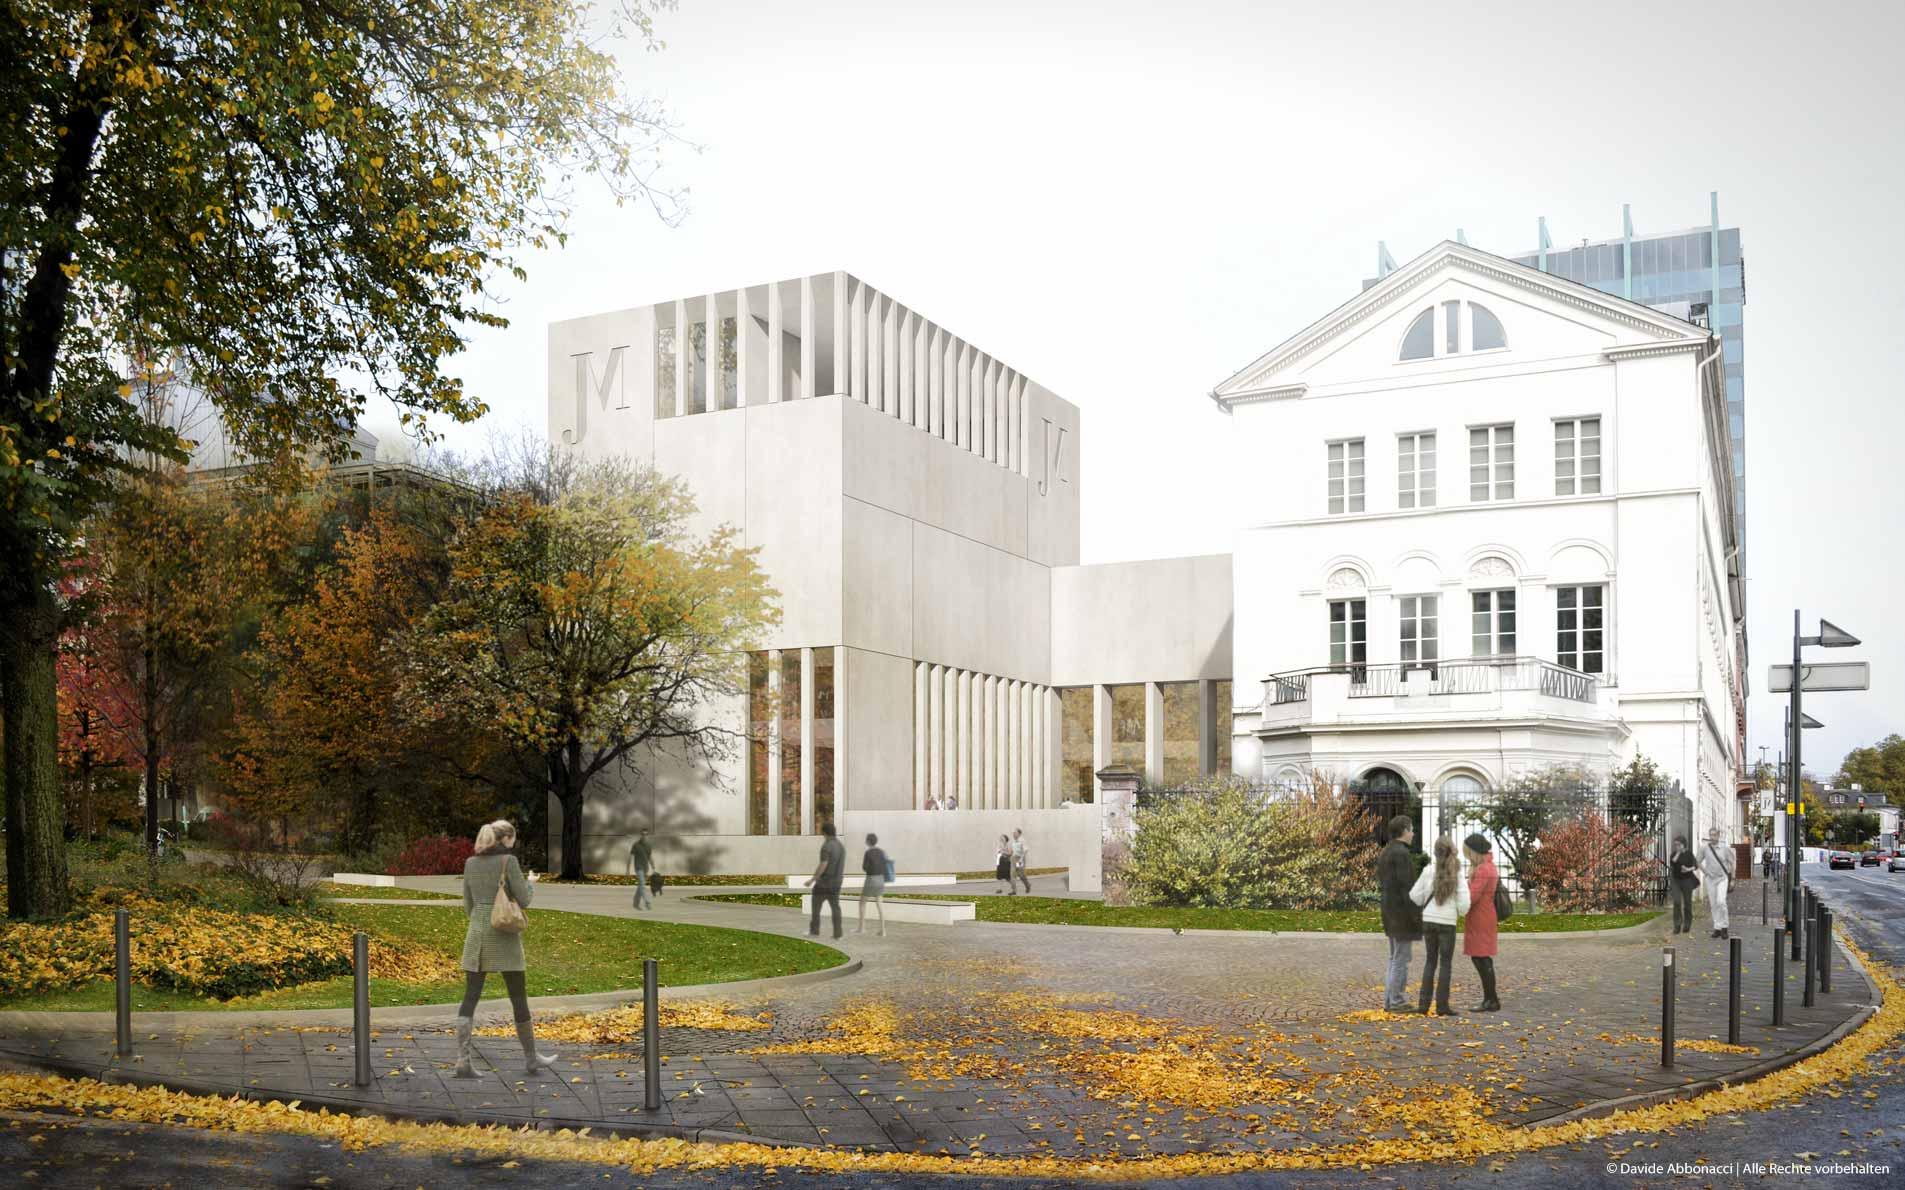 Jüdisches Museum, Frankfurt   gmp Architekten von Gerkan, Marg und Partner   2012 Wettbewerbsvisualisierung   Finalist